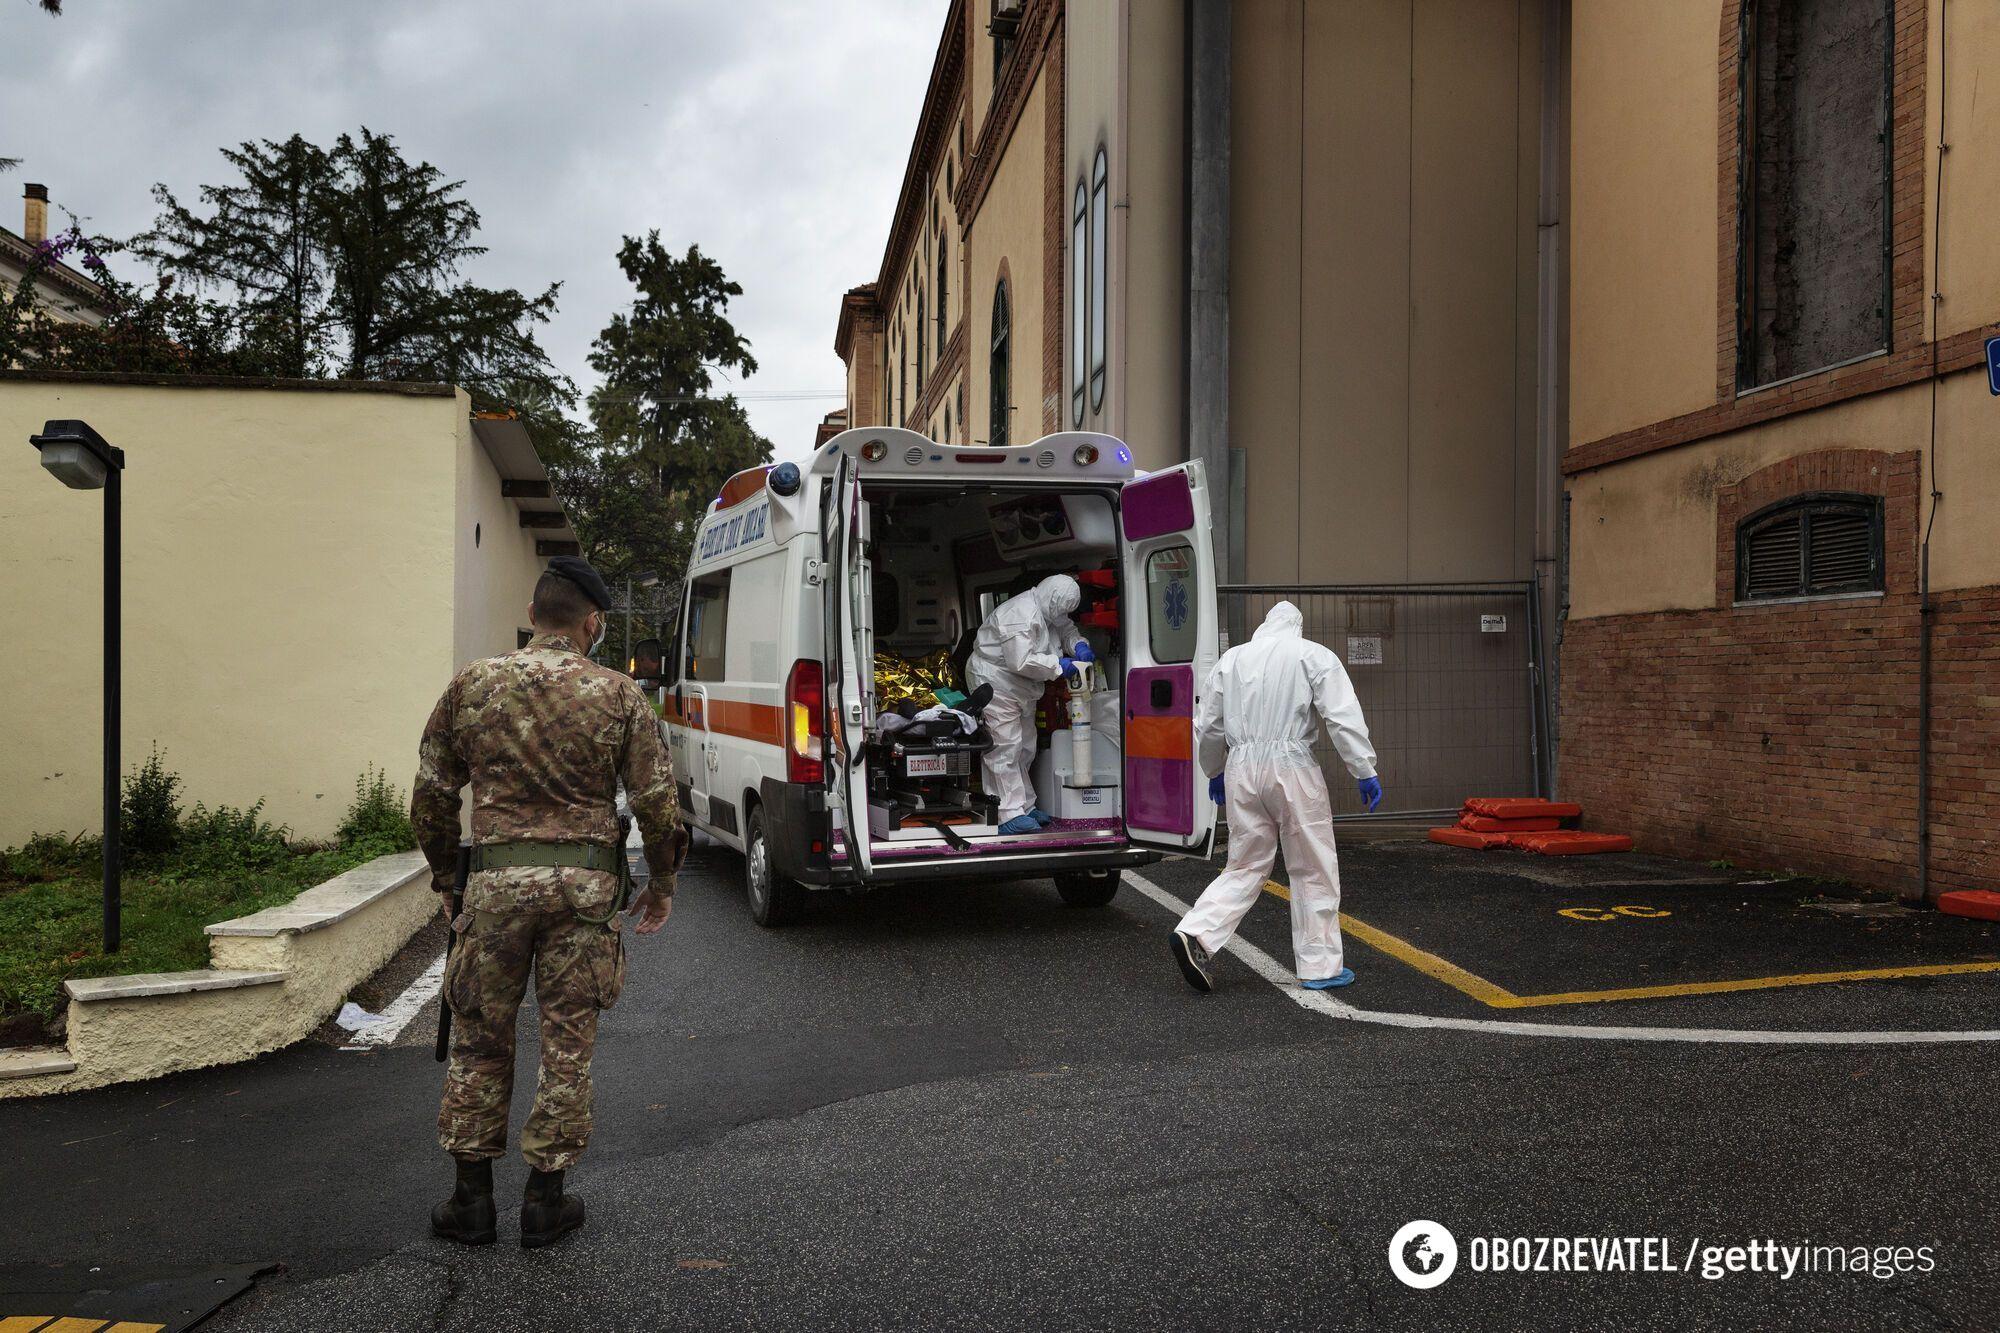 Італія запровадила нові правила карантинного зонування регіонів